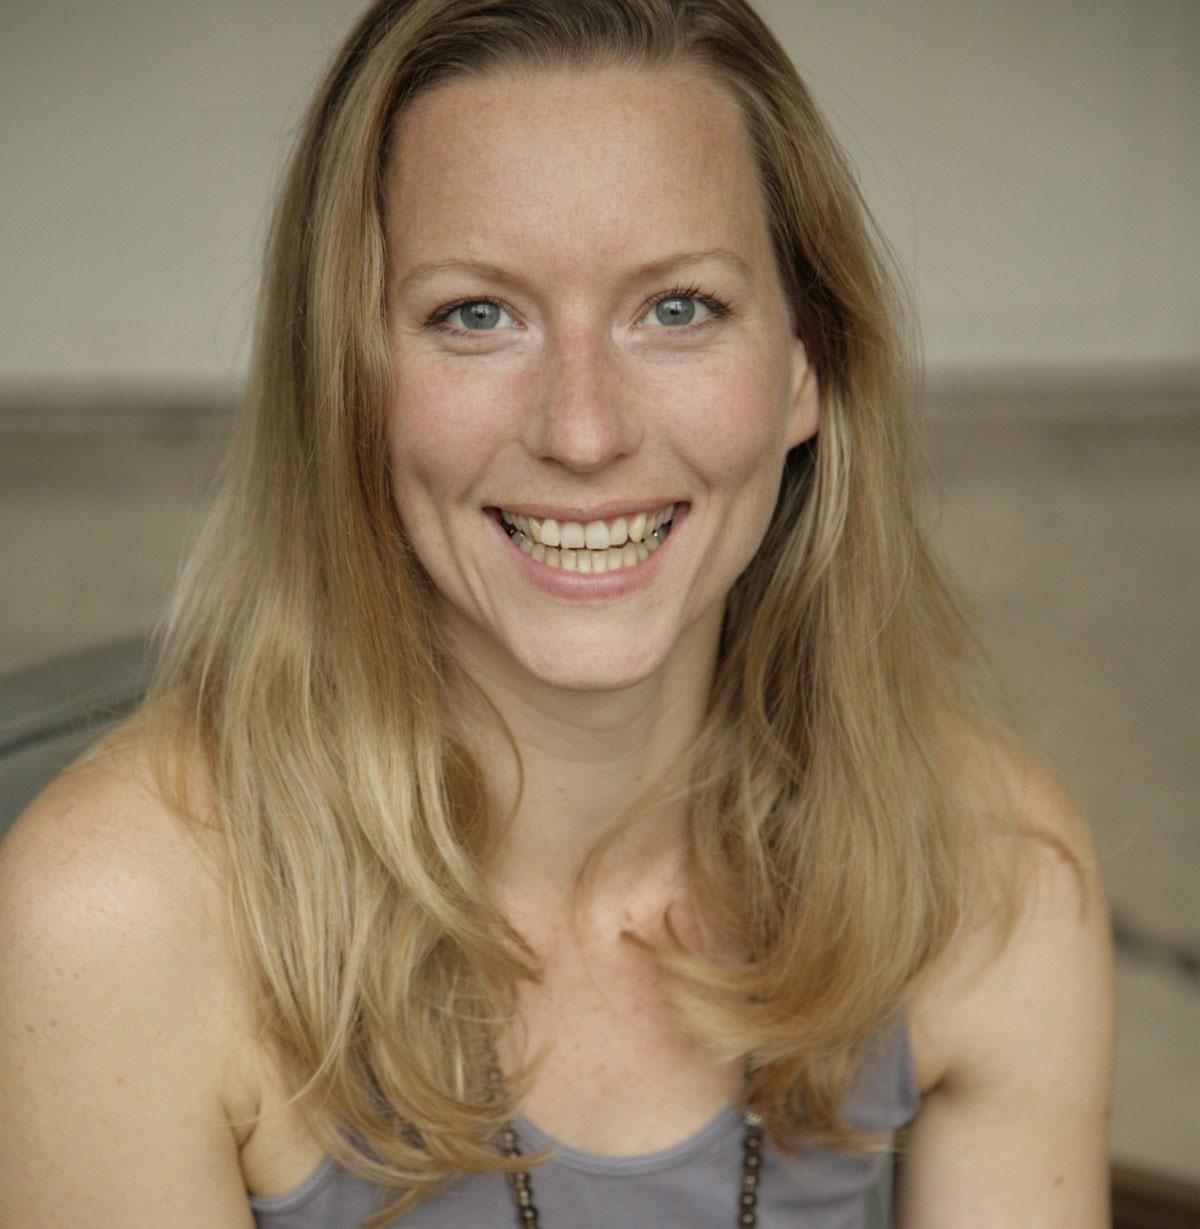 Die blonde Yoga-Lehrerin Antje Schäfer trägt ein graues Top und lächelt.